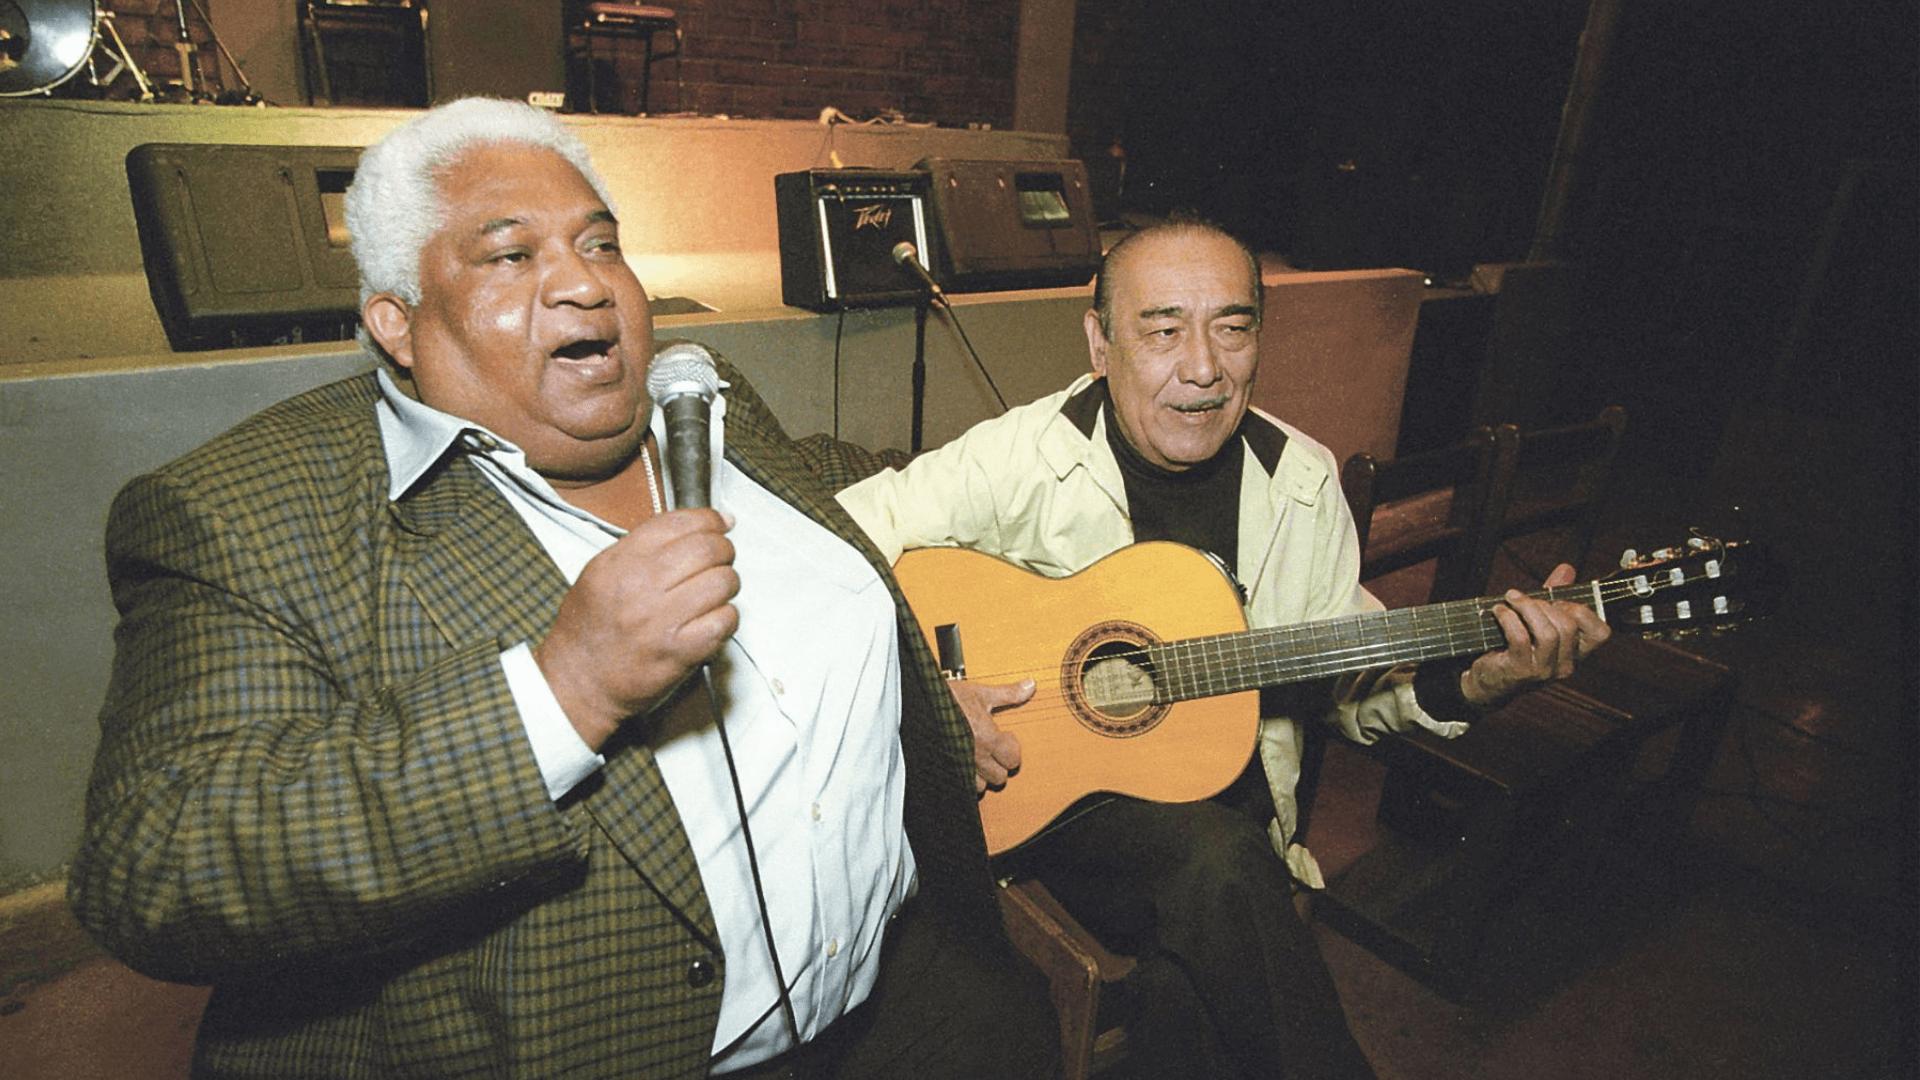 zambo cavero como uno de los representantes de la música criolla